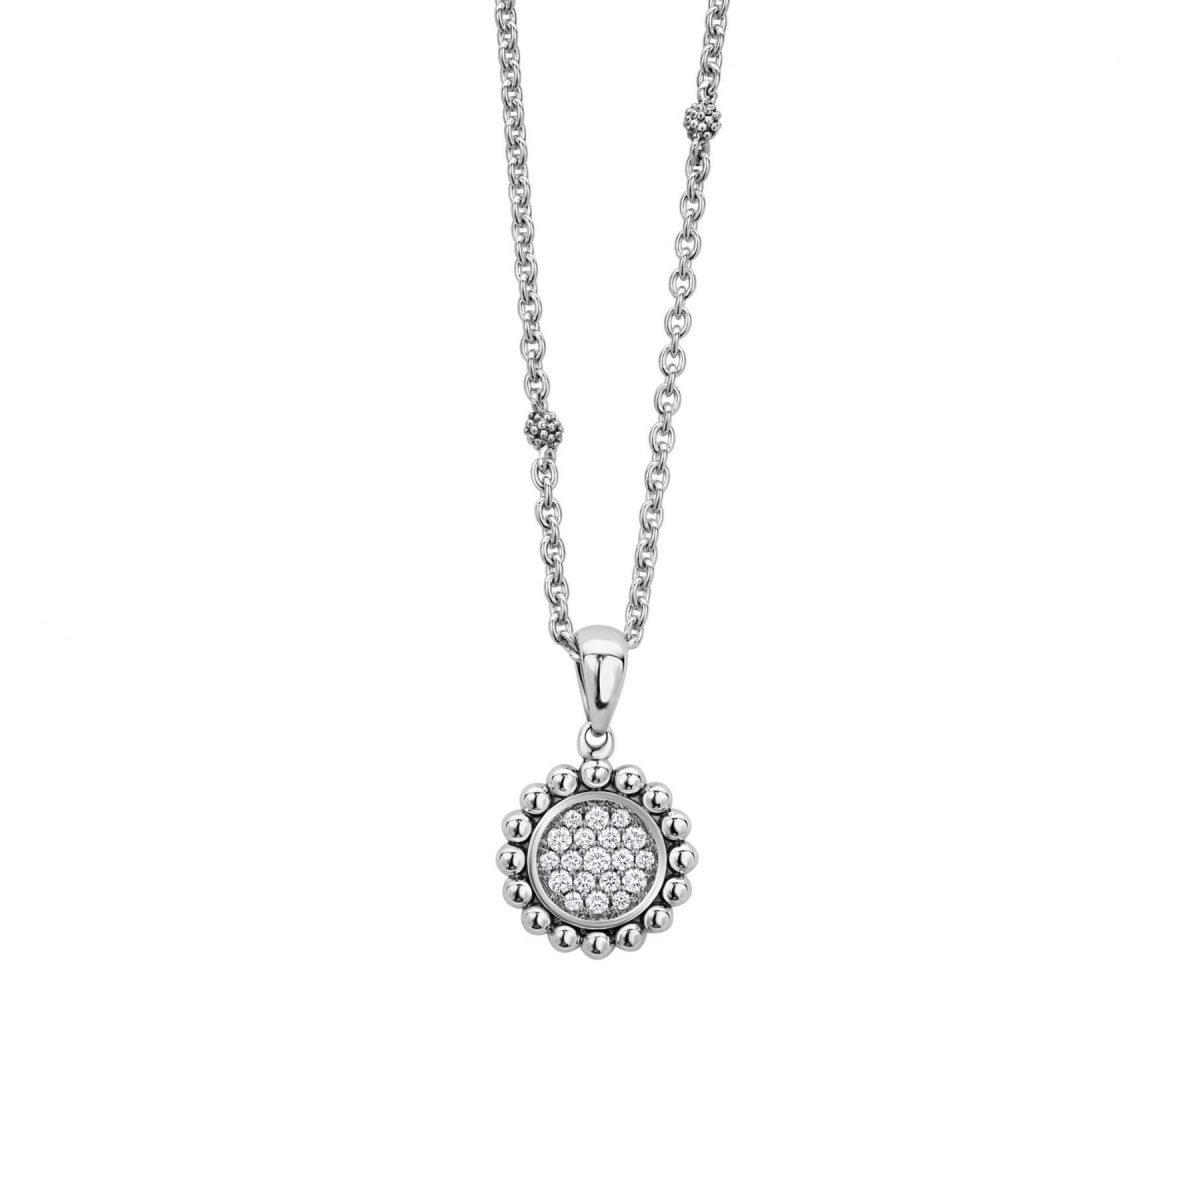 Caviar Spark Diamond Pendant Necklace